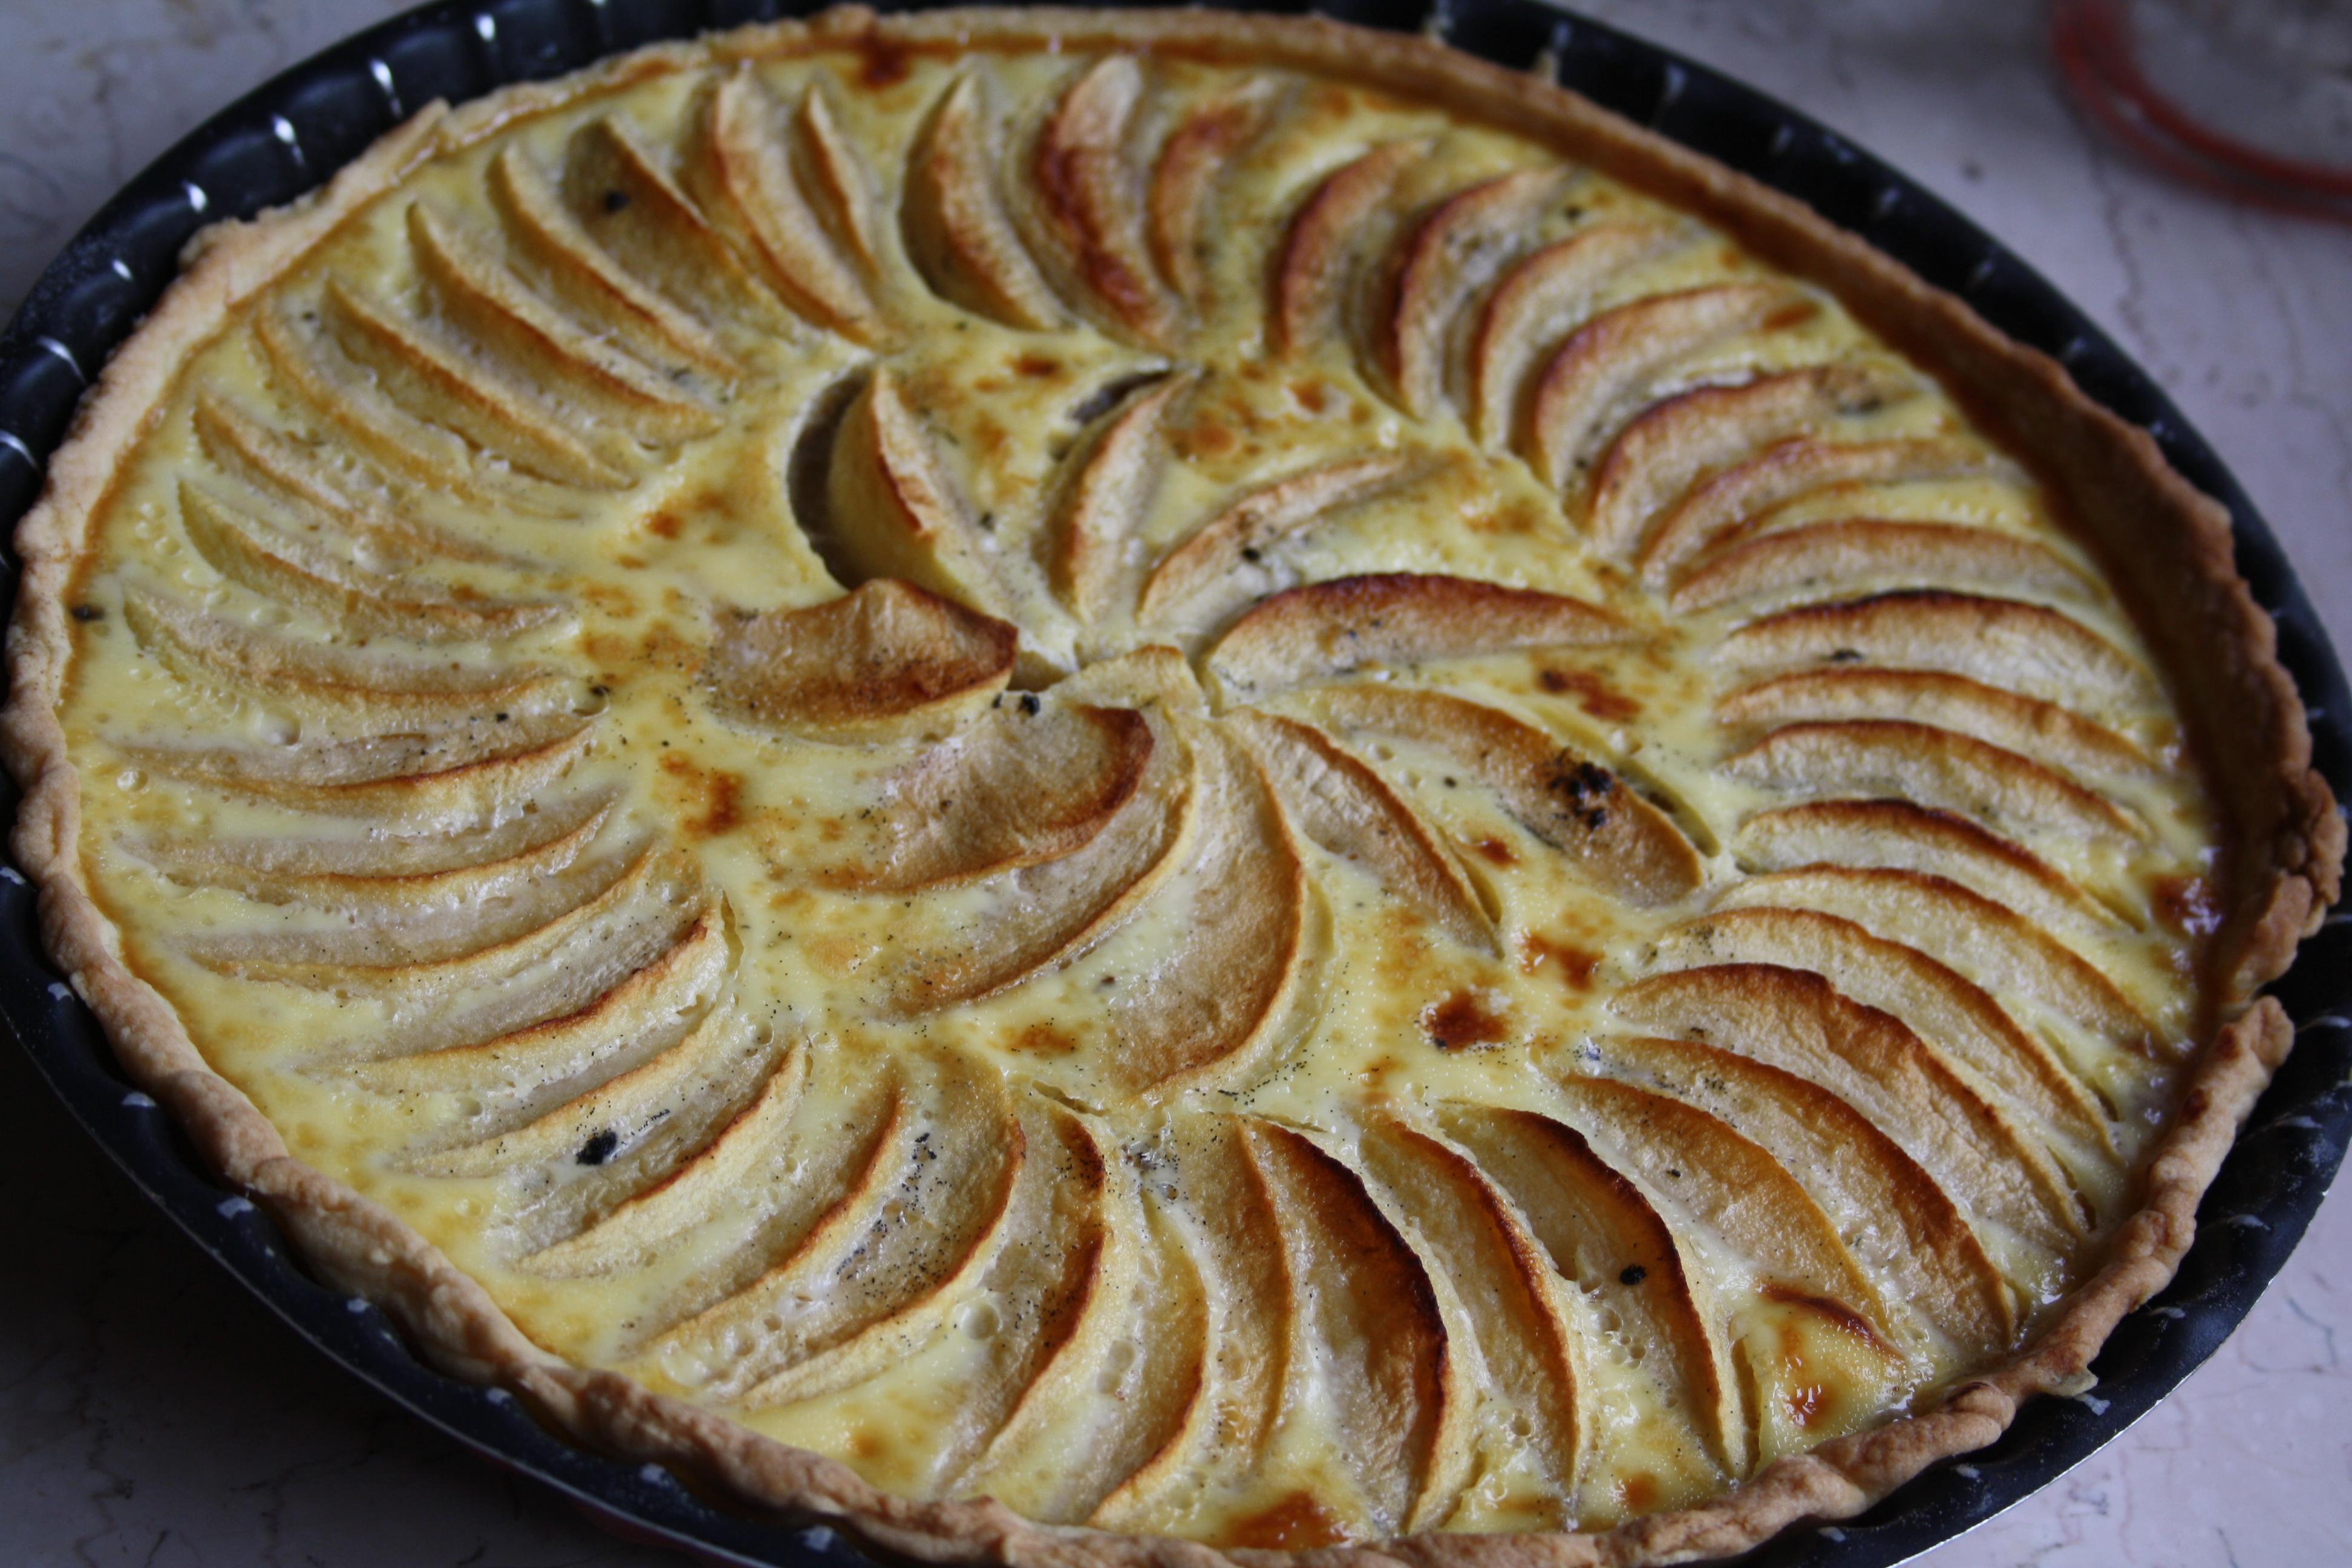 Le Meilleur Pâtissier - Tarte aux Pommes - M et G